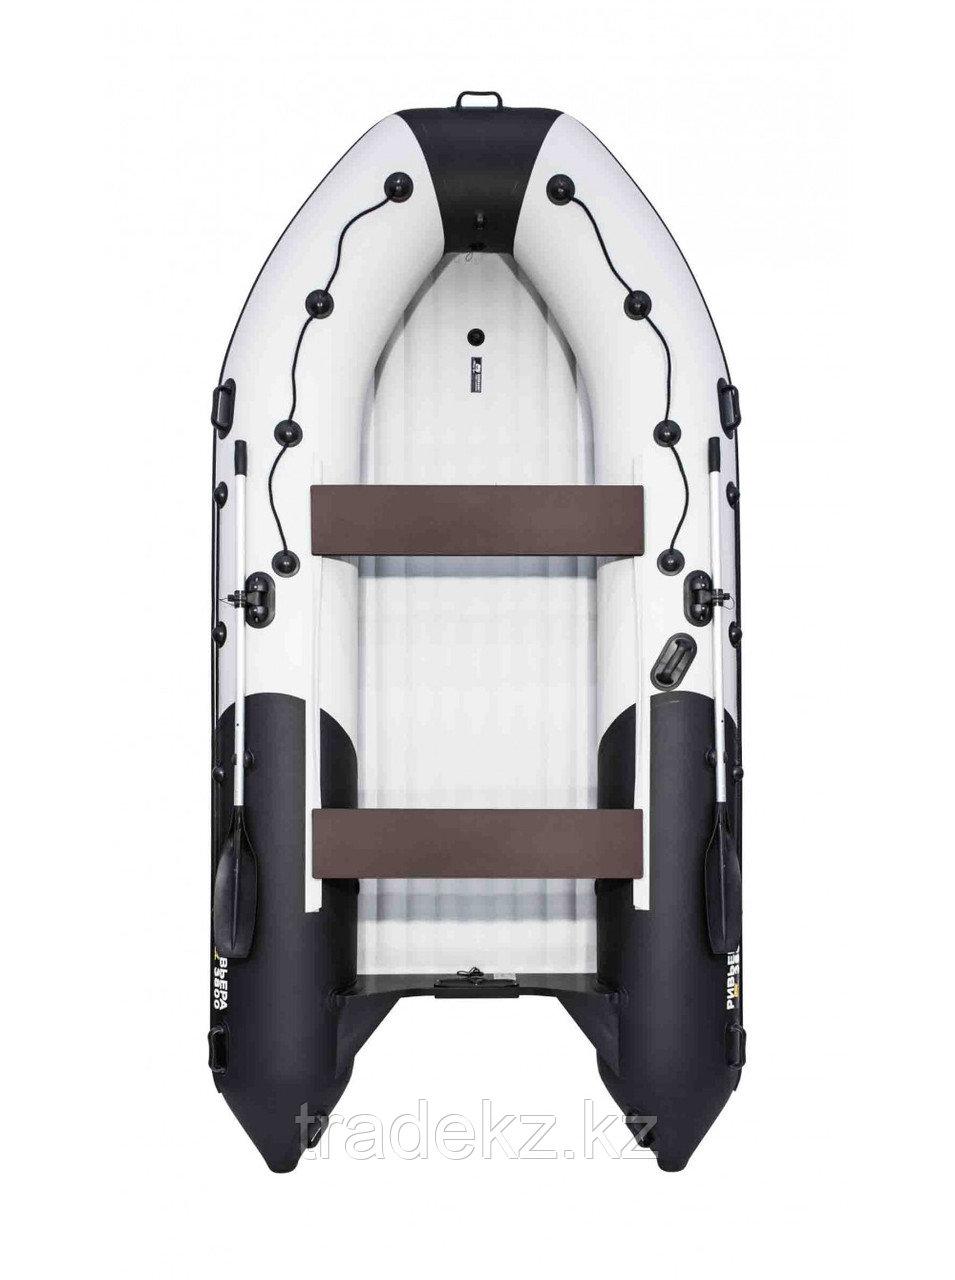 Лодка ПВХ Ривьера 3800 Килевое НД комби светло-серый/черный